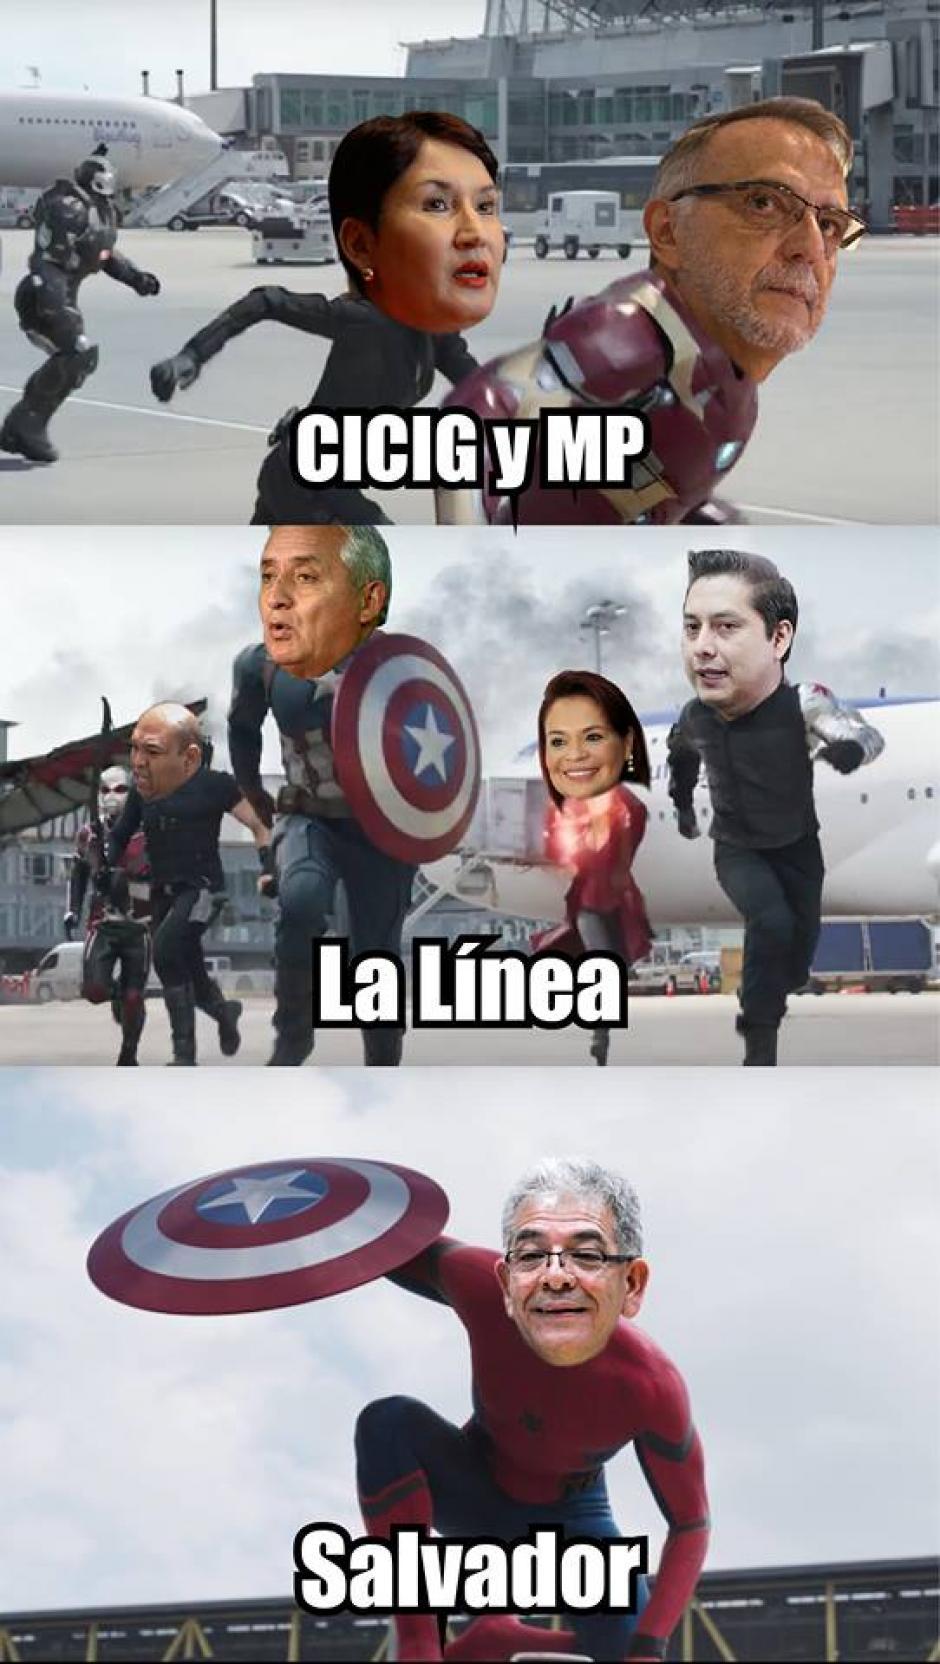 Algunos compararon a The Avengers con el caso de La Línea. (Foto: FB La Línea 2)